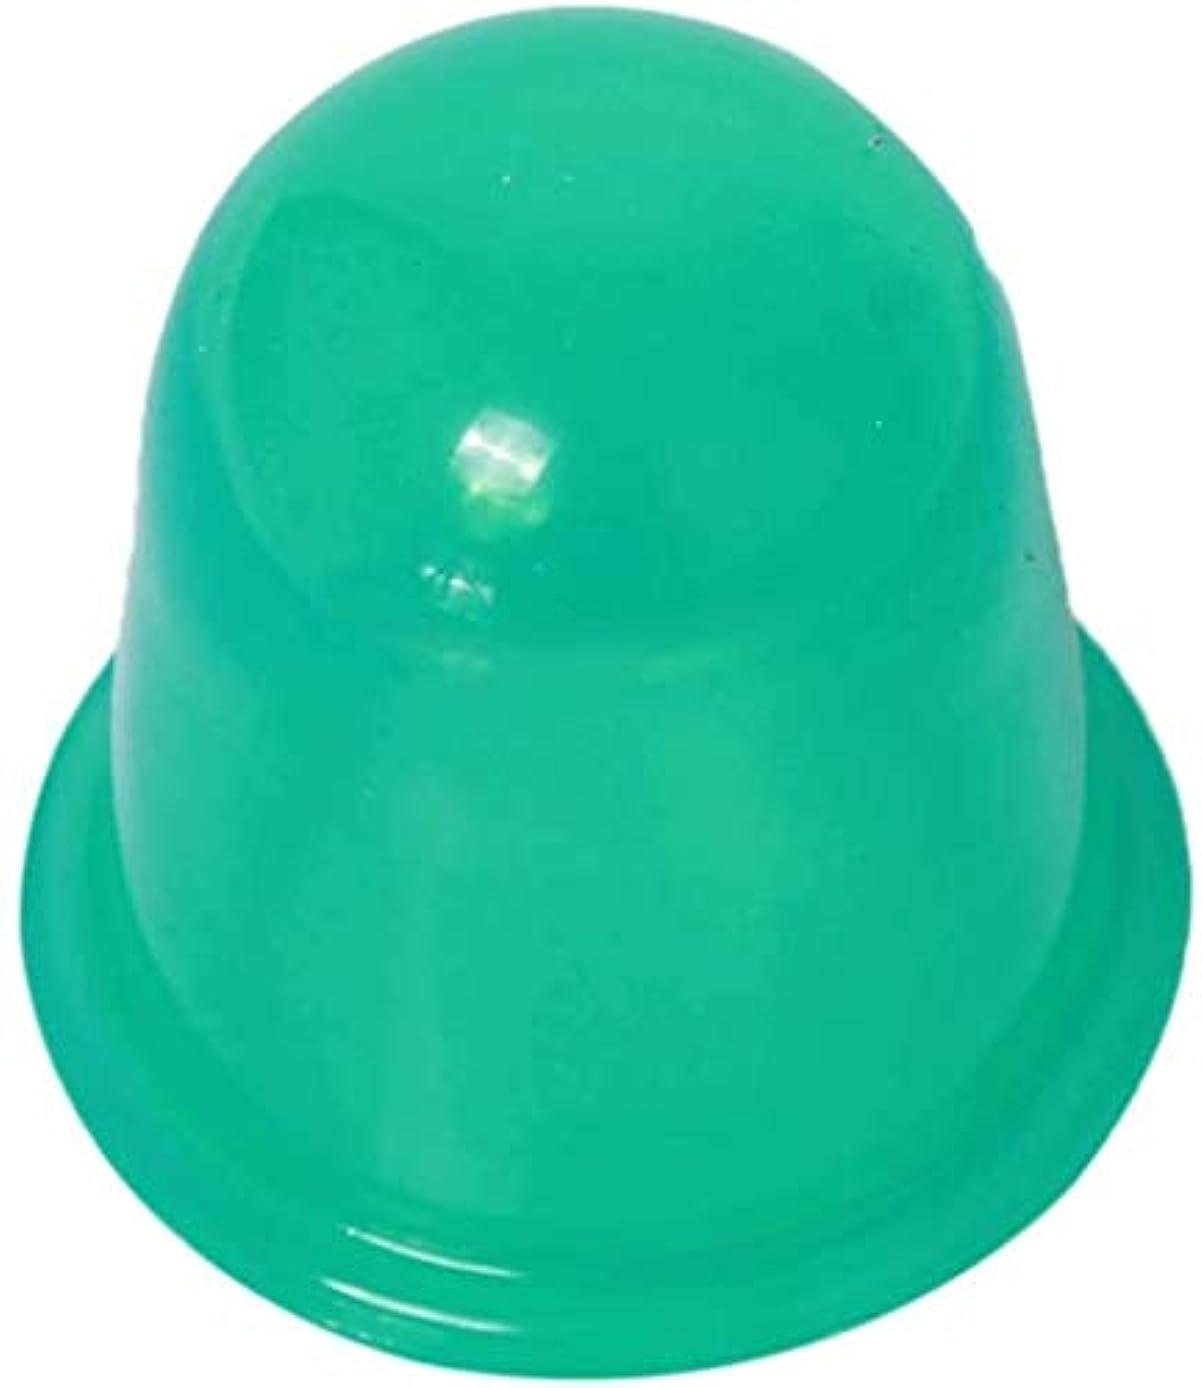 ガラス返済不純シリコーンカップ、浚渫経絡をカッピングカッピングデバイス、シリコンカッピングデバイス、バキューム、痛みを緩和し、血液循環を促進 (Color : 緑, Size : 2pcs)